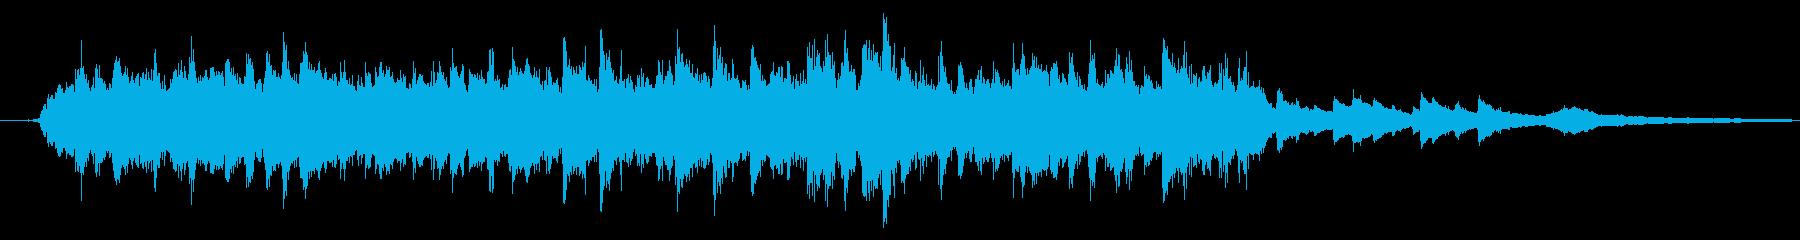 クリスマス・明るいオーケストラ30秒の再生済みの波形